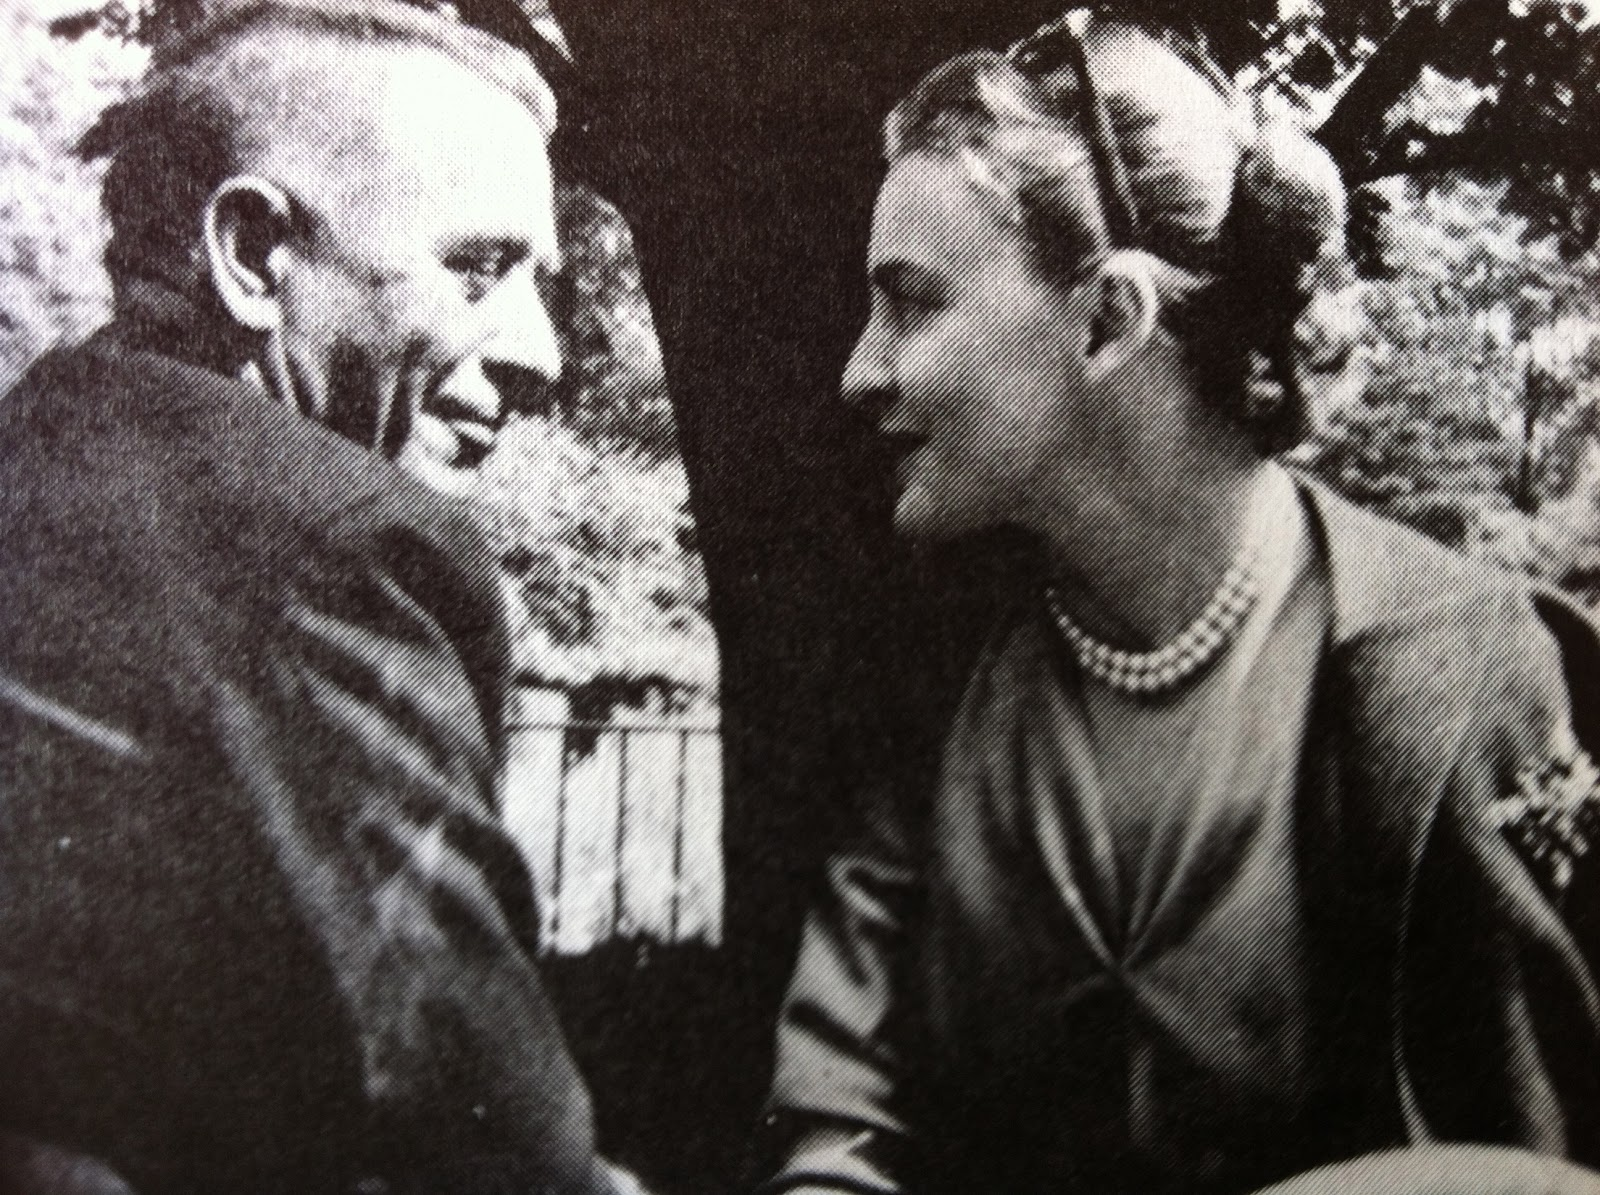 Frank Thornton (1921?013) Hot images Rachelle Leah,Rachel Skarsten